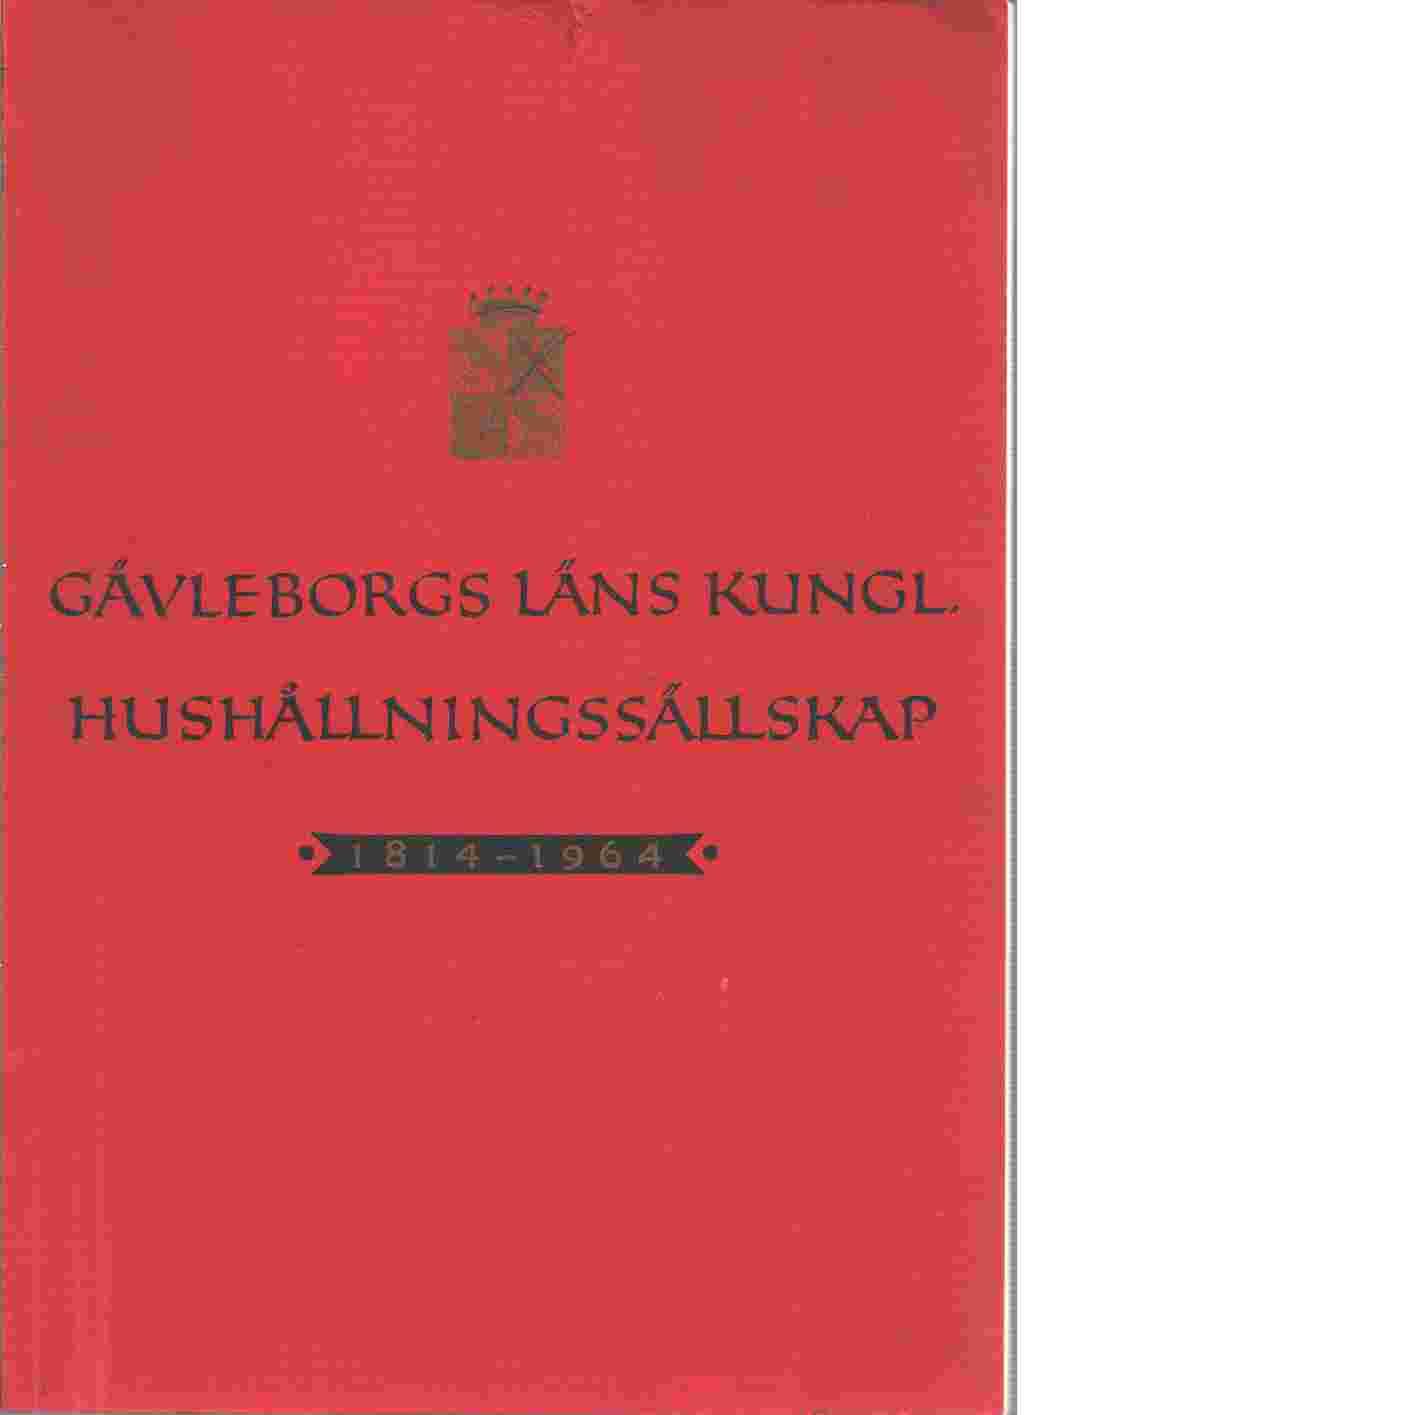 Gävleborgs läns kungl hushållningssällskap 150 år  1814-1964 - Sjölund, Bengt